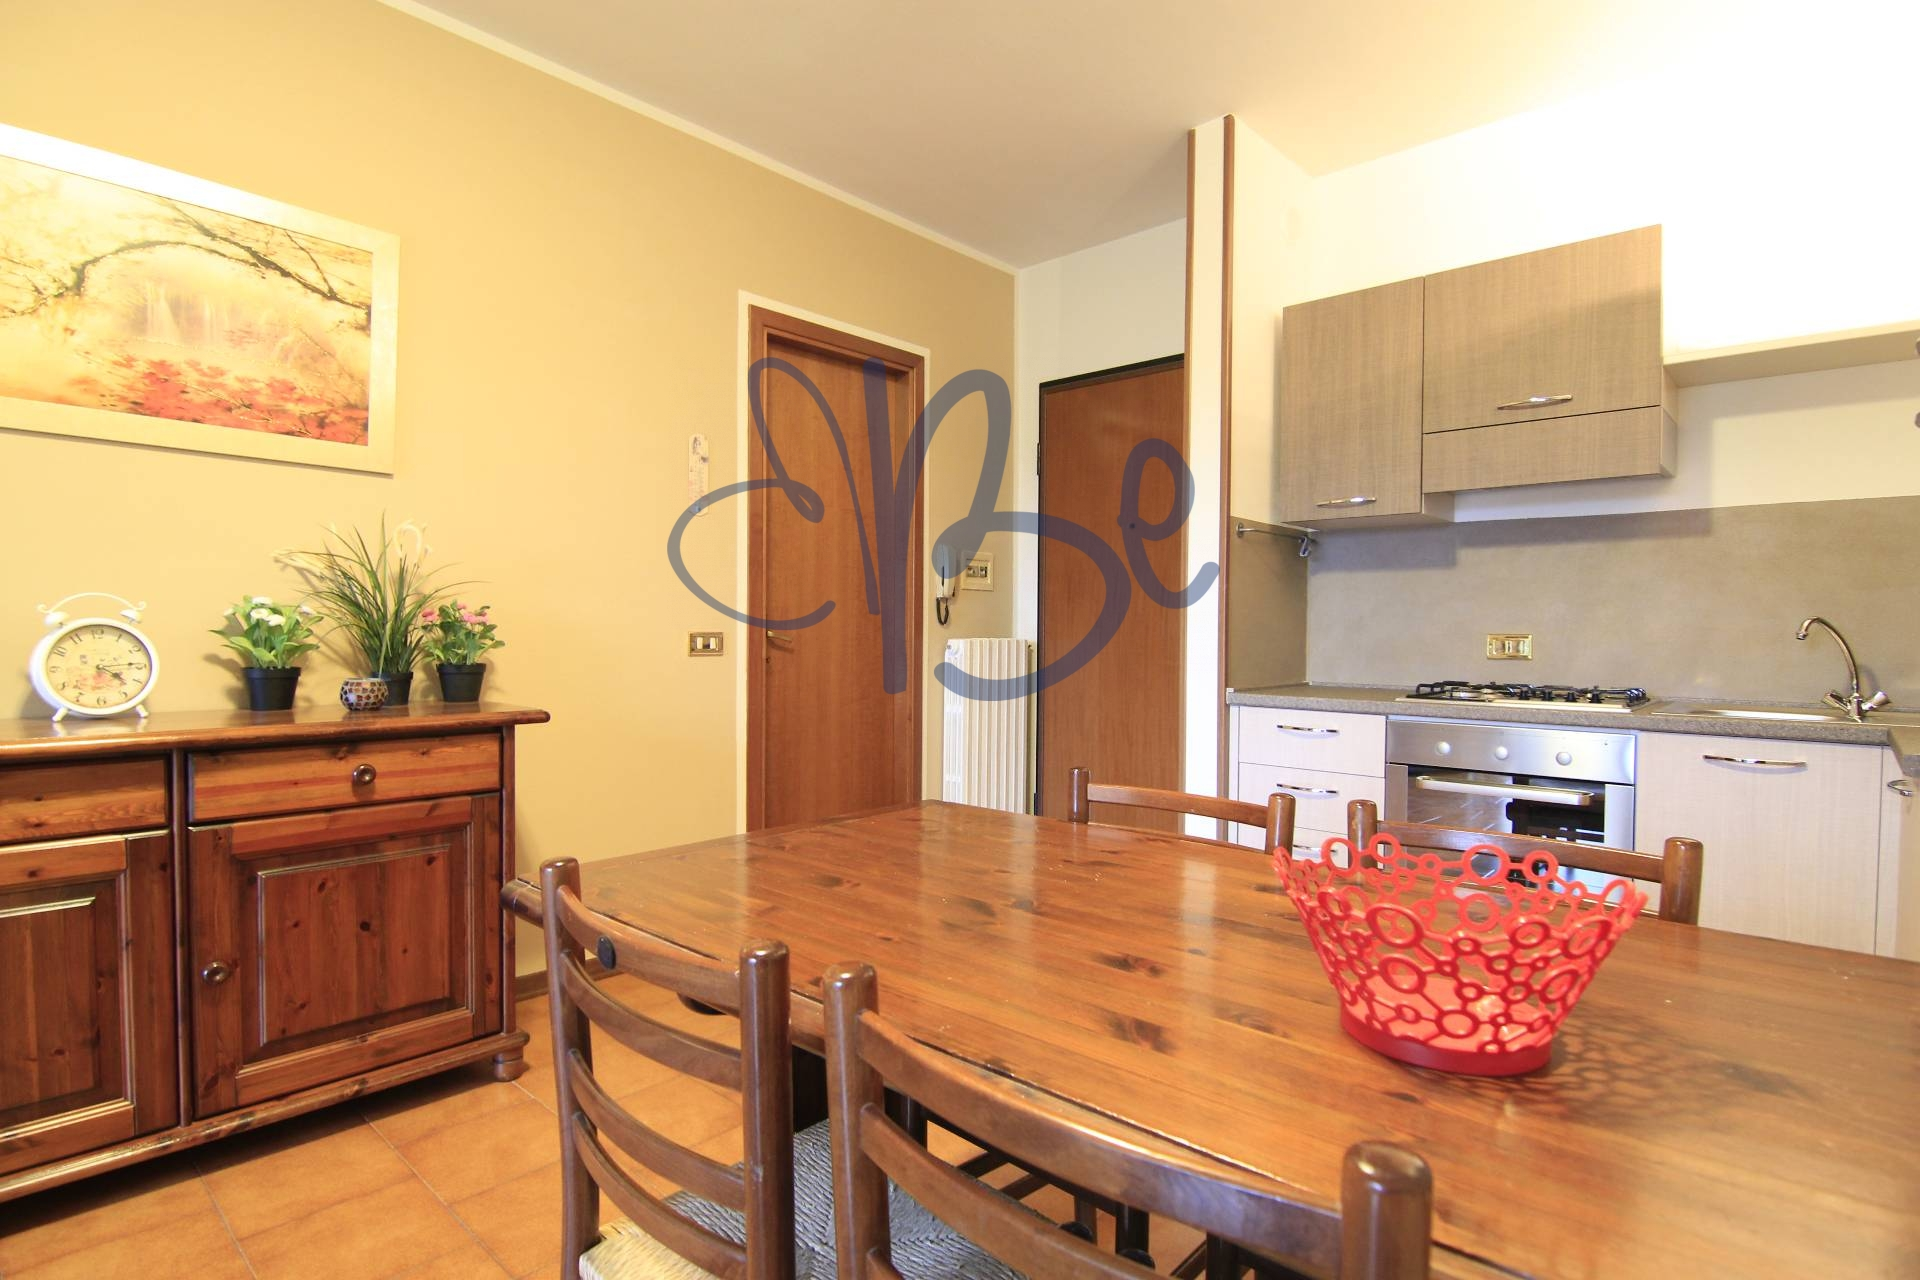 Appartamento in affitto a San Felice del Benaco, 2 locali, zona Zona: Portese, prezzo € 400 | Cambio Casa.it